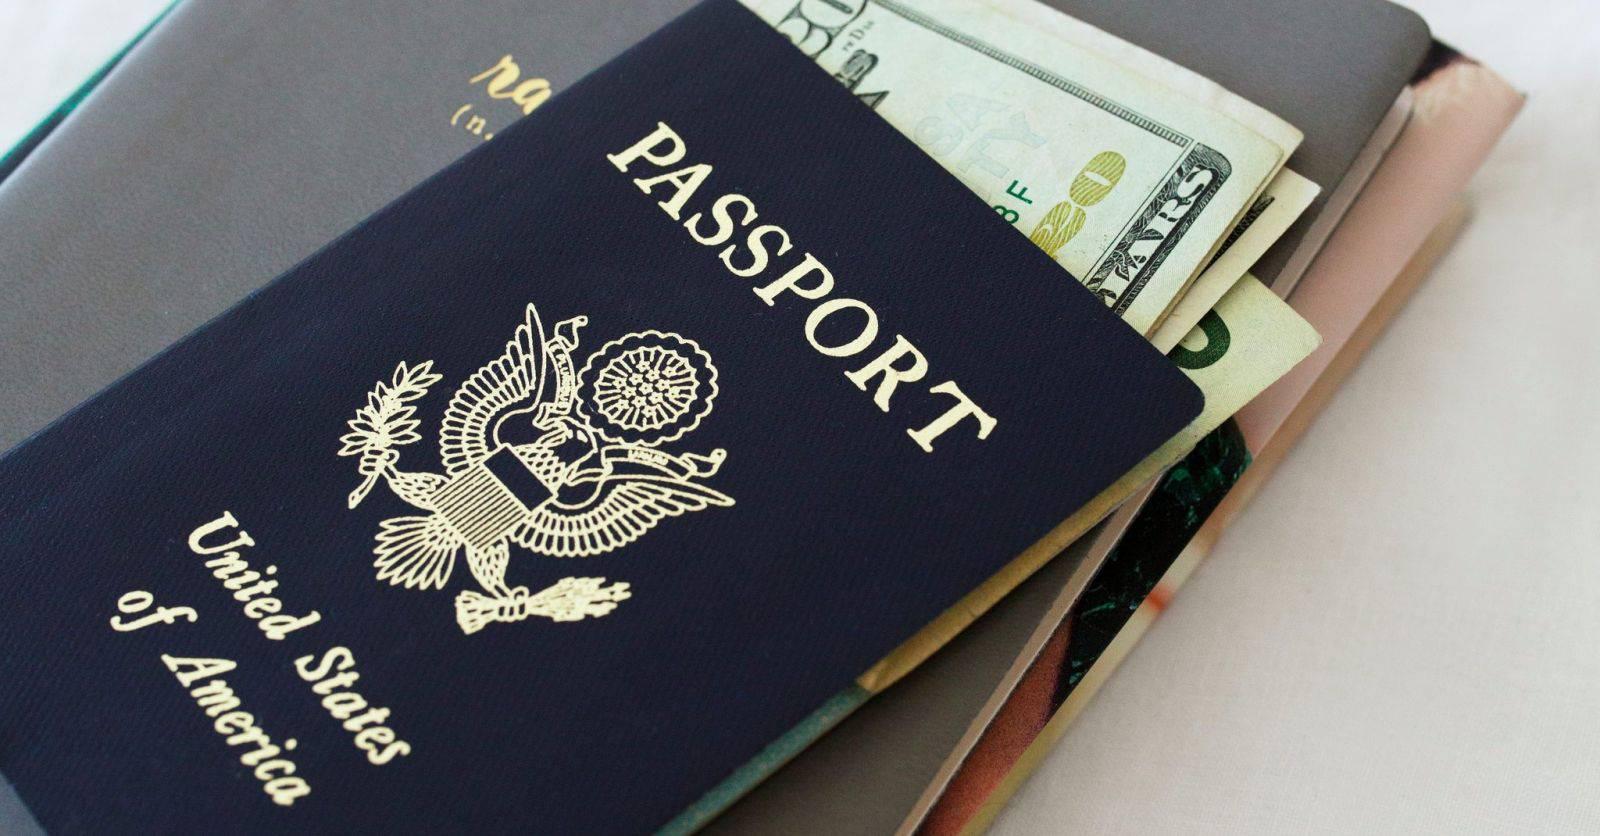 Cách chứng minh tài chính dễ dàng để xin visa du lịch Mỹ - Bảo lãnh định cư